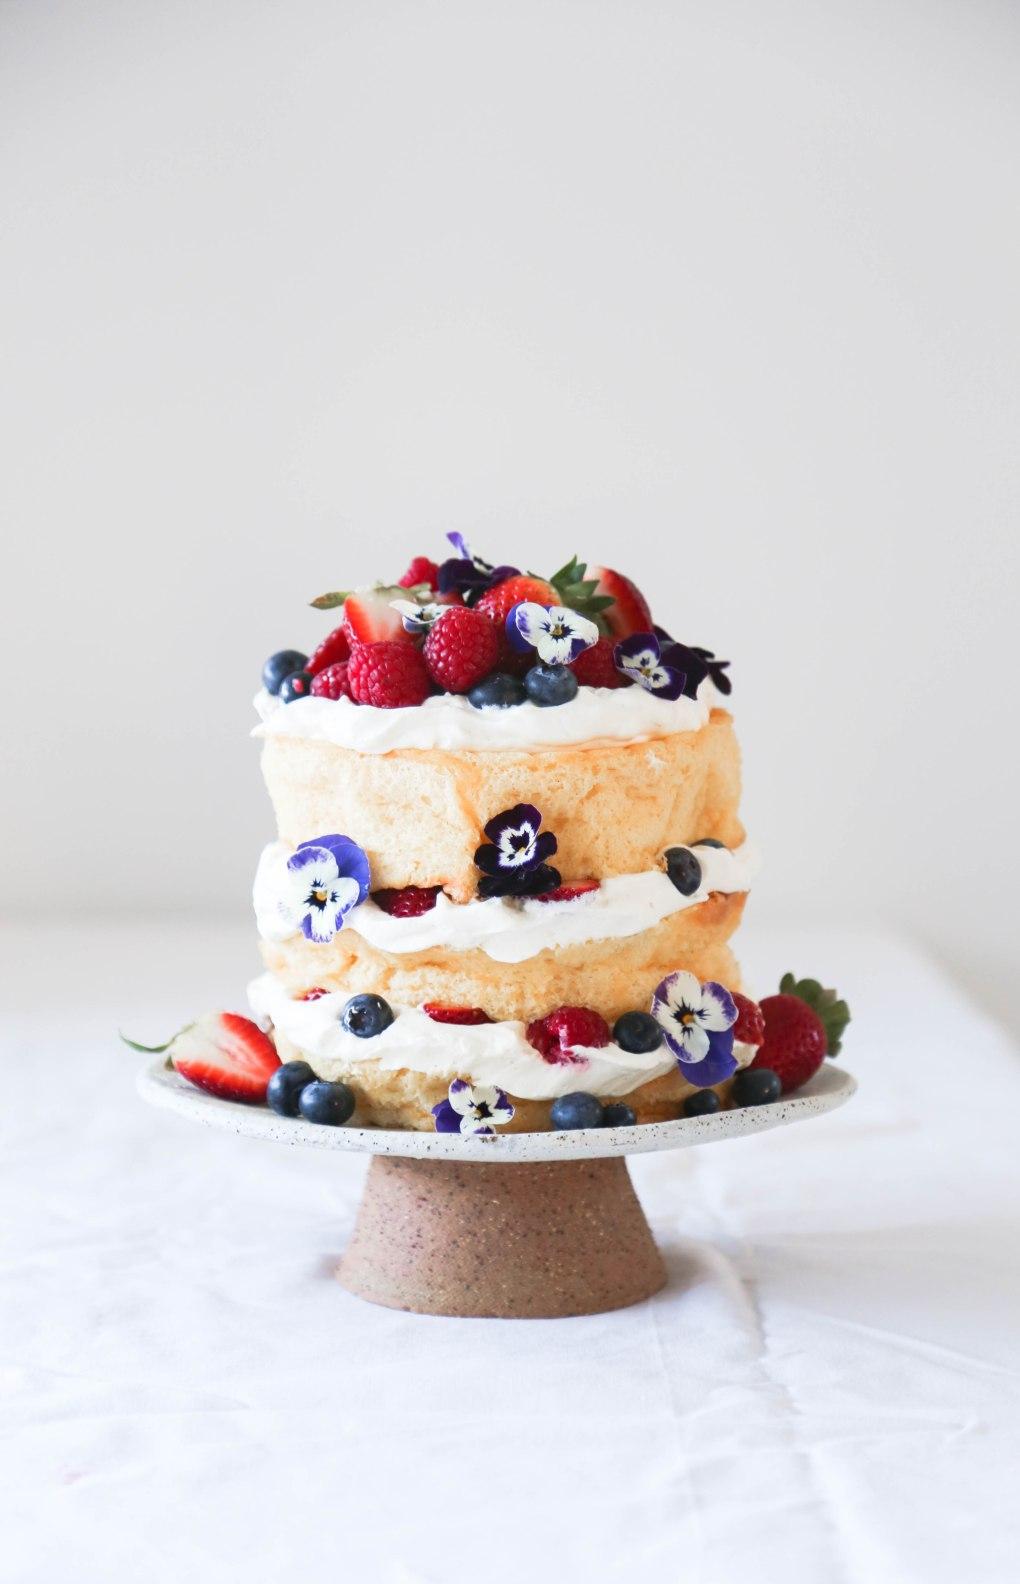 Sponge cake7